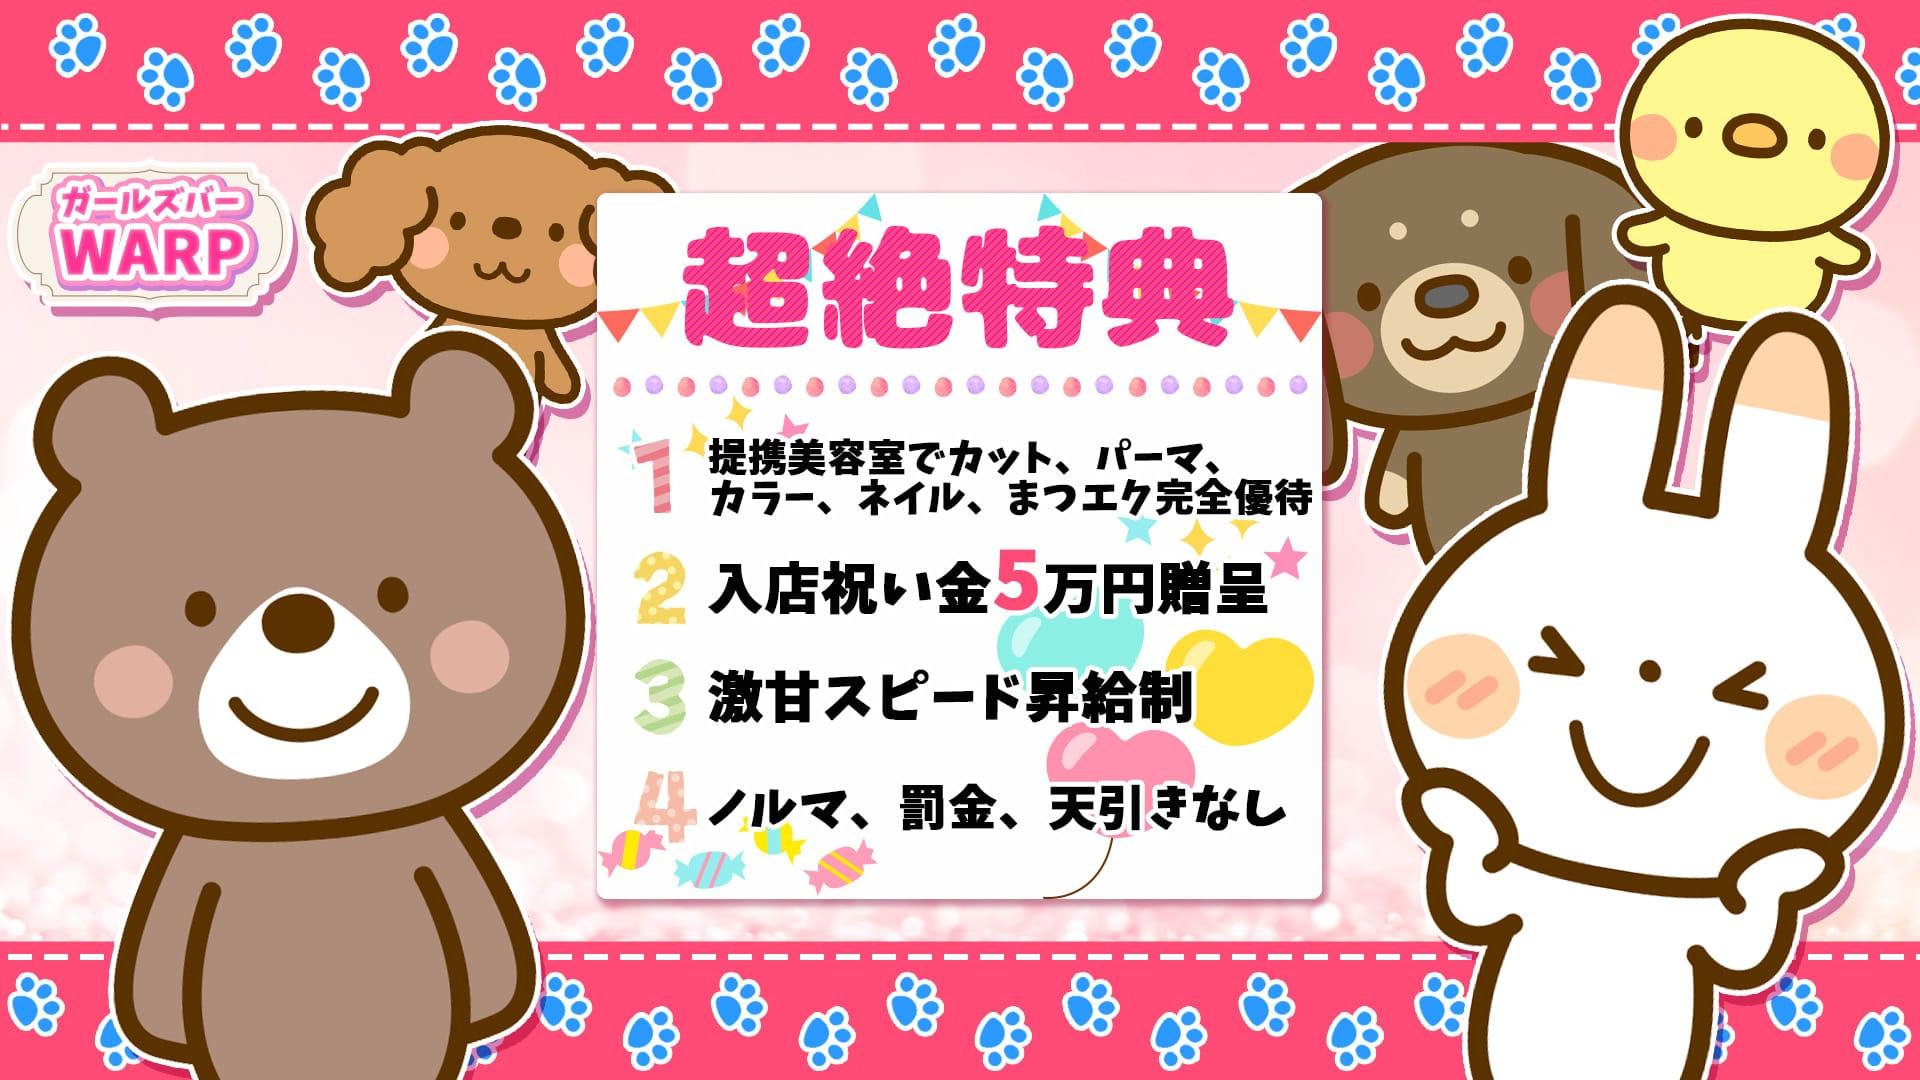 ガールズバー WARP(ワープ) 鶴見ガールズバー TOP画像